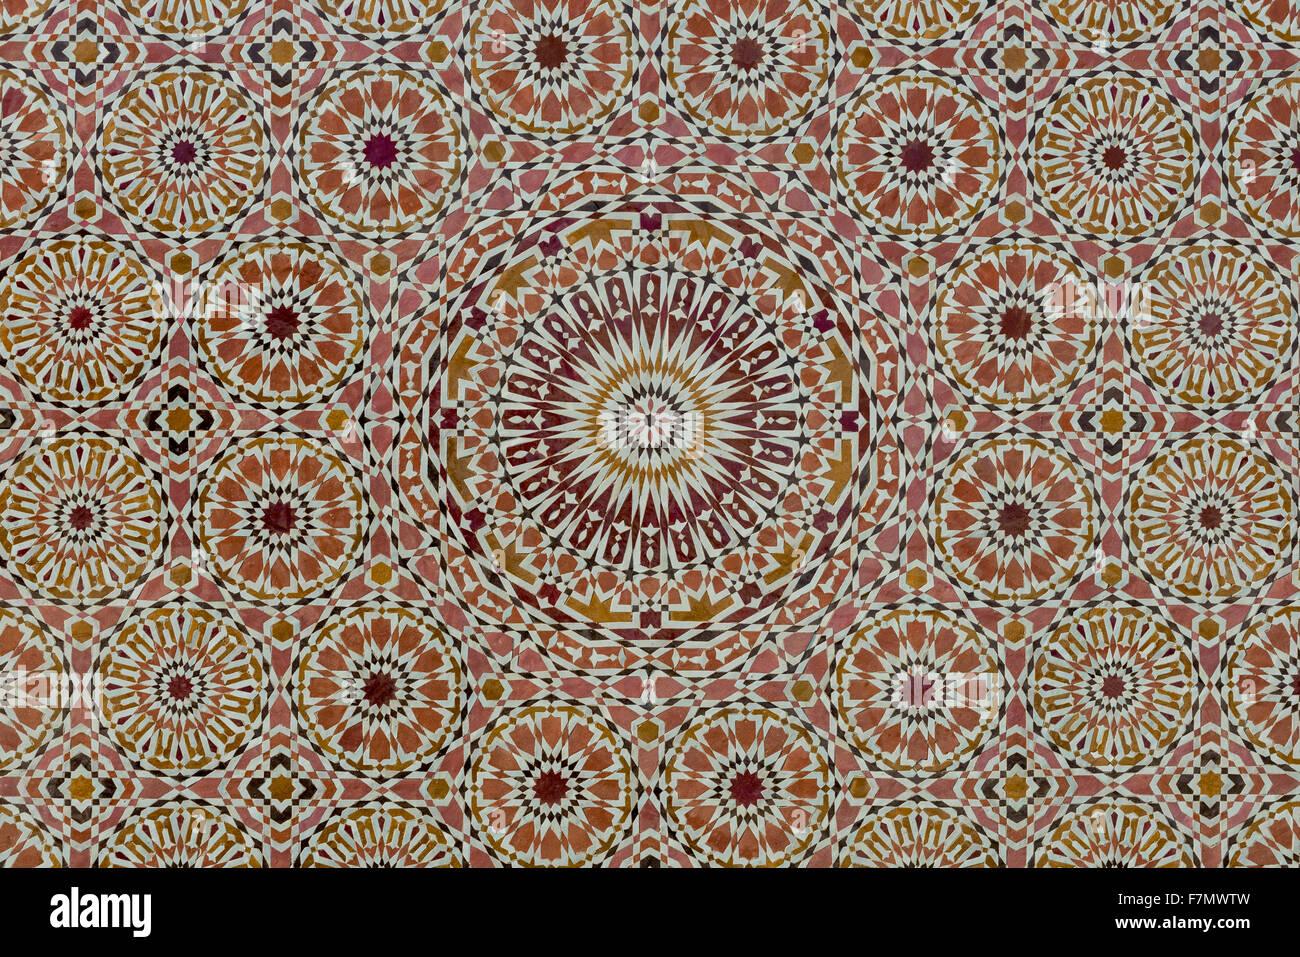 Komplizierten Mosaik gefliest im traditionellen islamischen Stil Stockbild